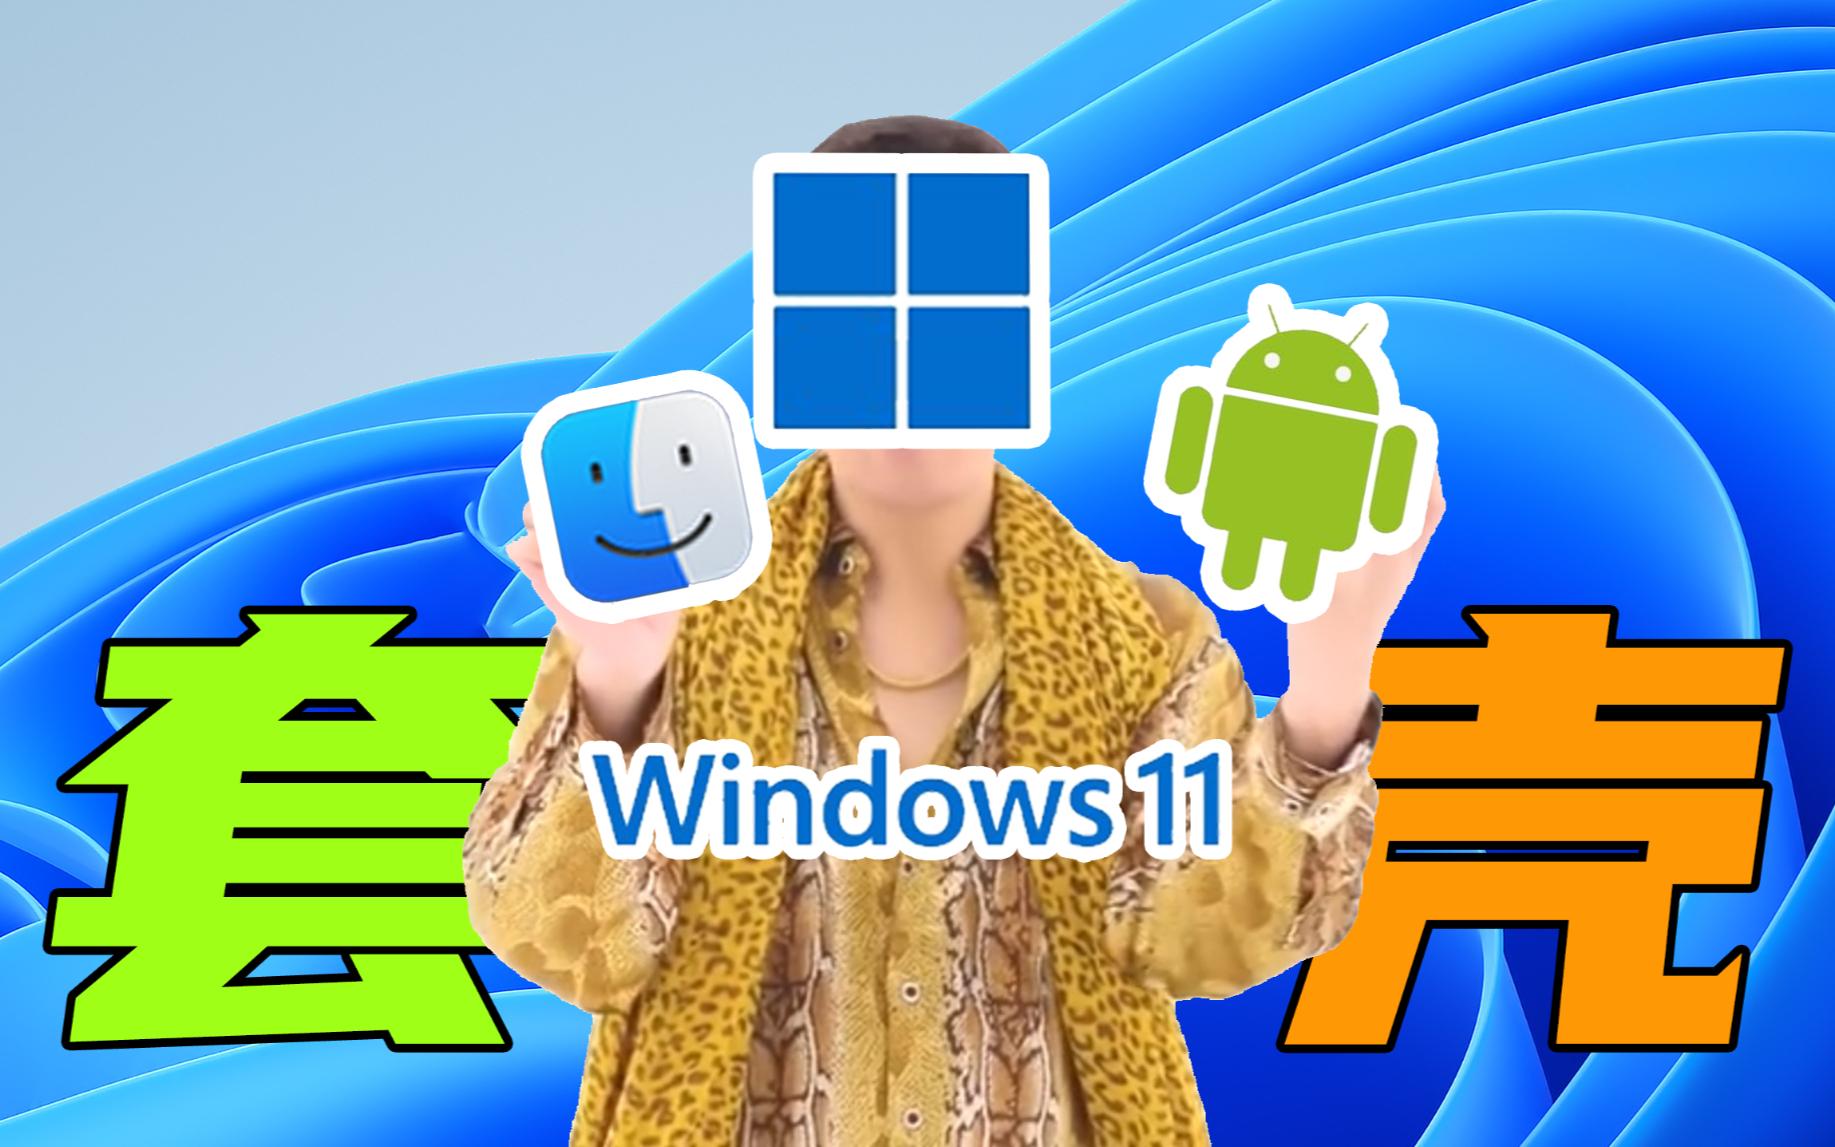 【短的发布会】Windows最新套壳系统上线,win11成功坐上万物互联末班车